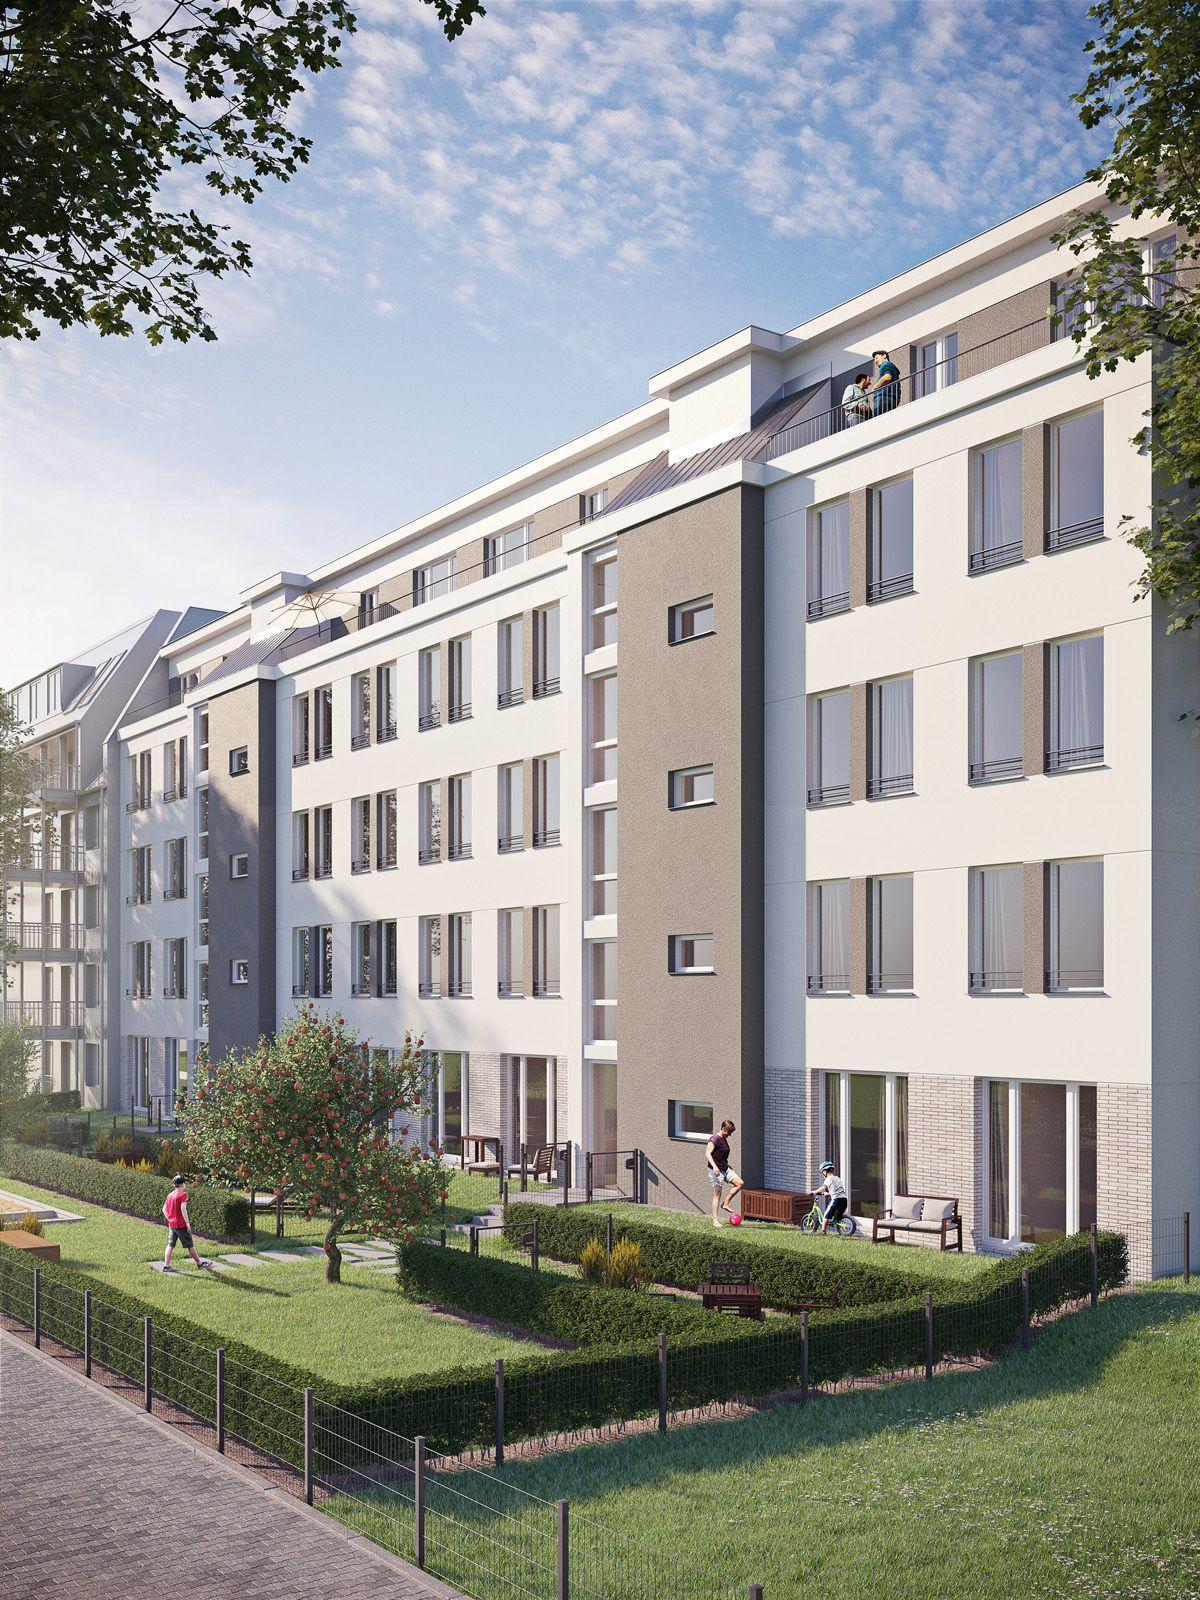 Architektur visualisierung borussia 67 3d visualisierung professionelle fotografie berlin - Architekturvisualisierung berlin ...